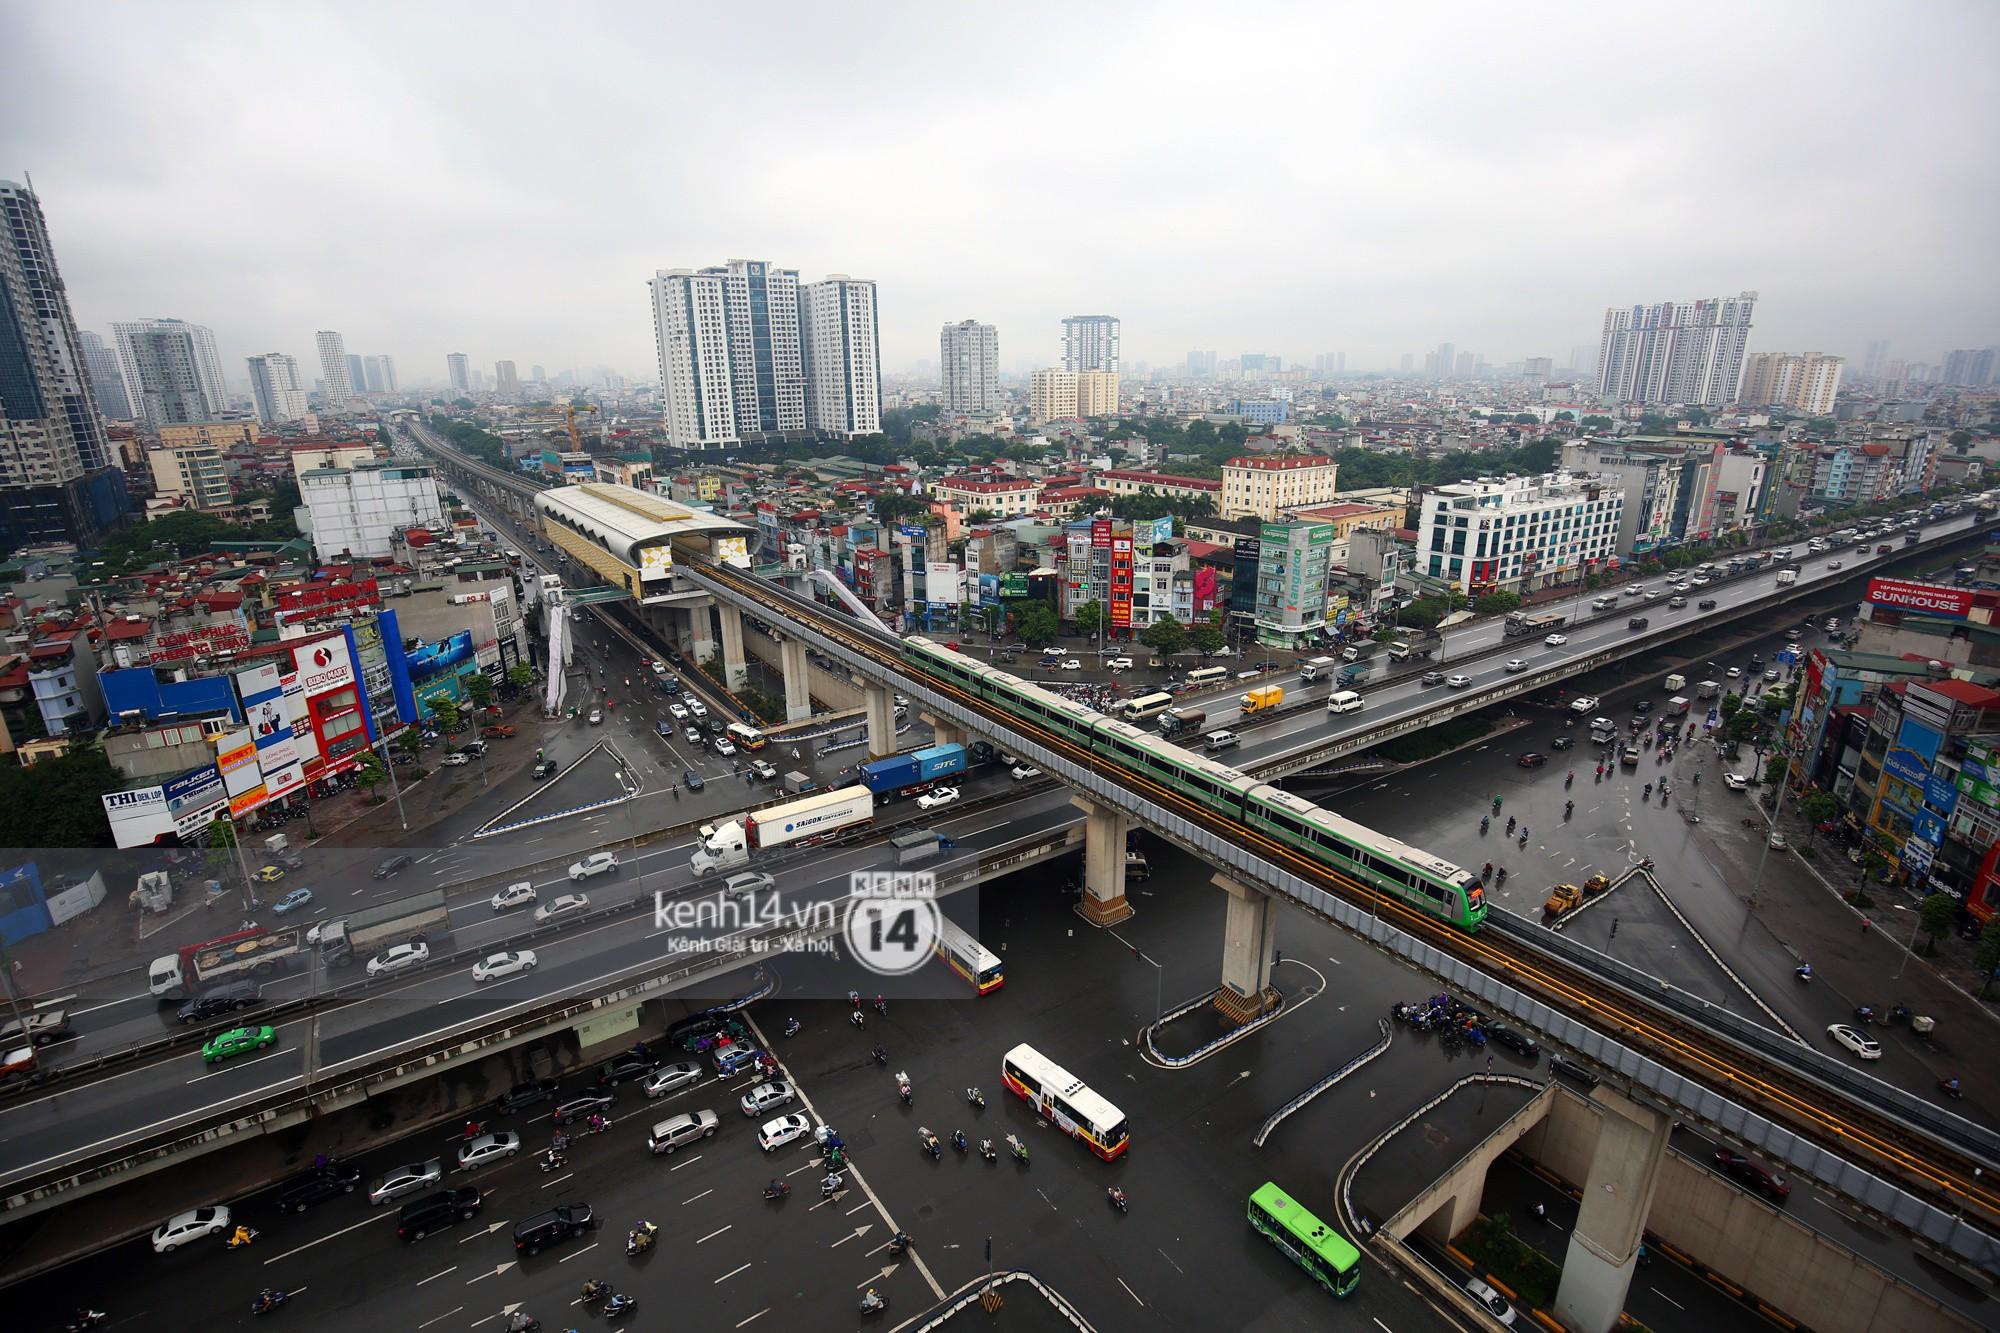 4 đoàn tàu đường sắt trên cao bất ngờ di chuyển trong mưa trước ngày chạy thử-8